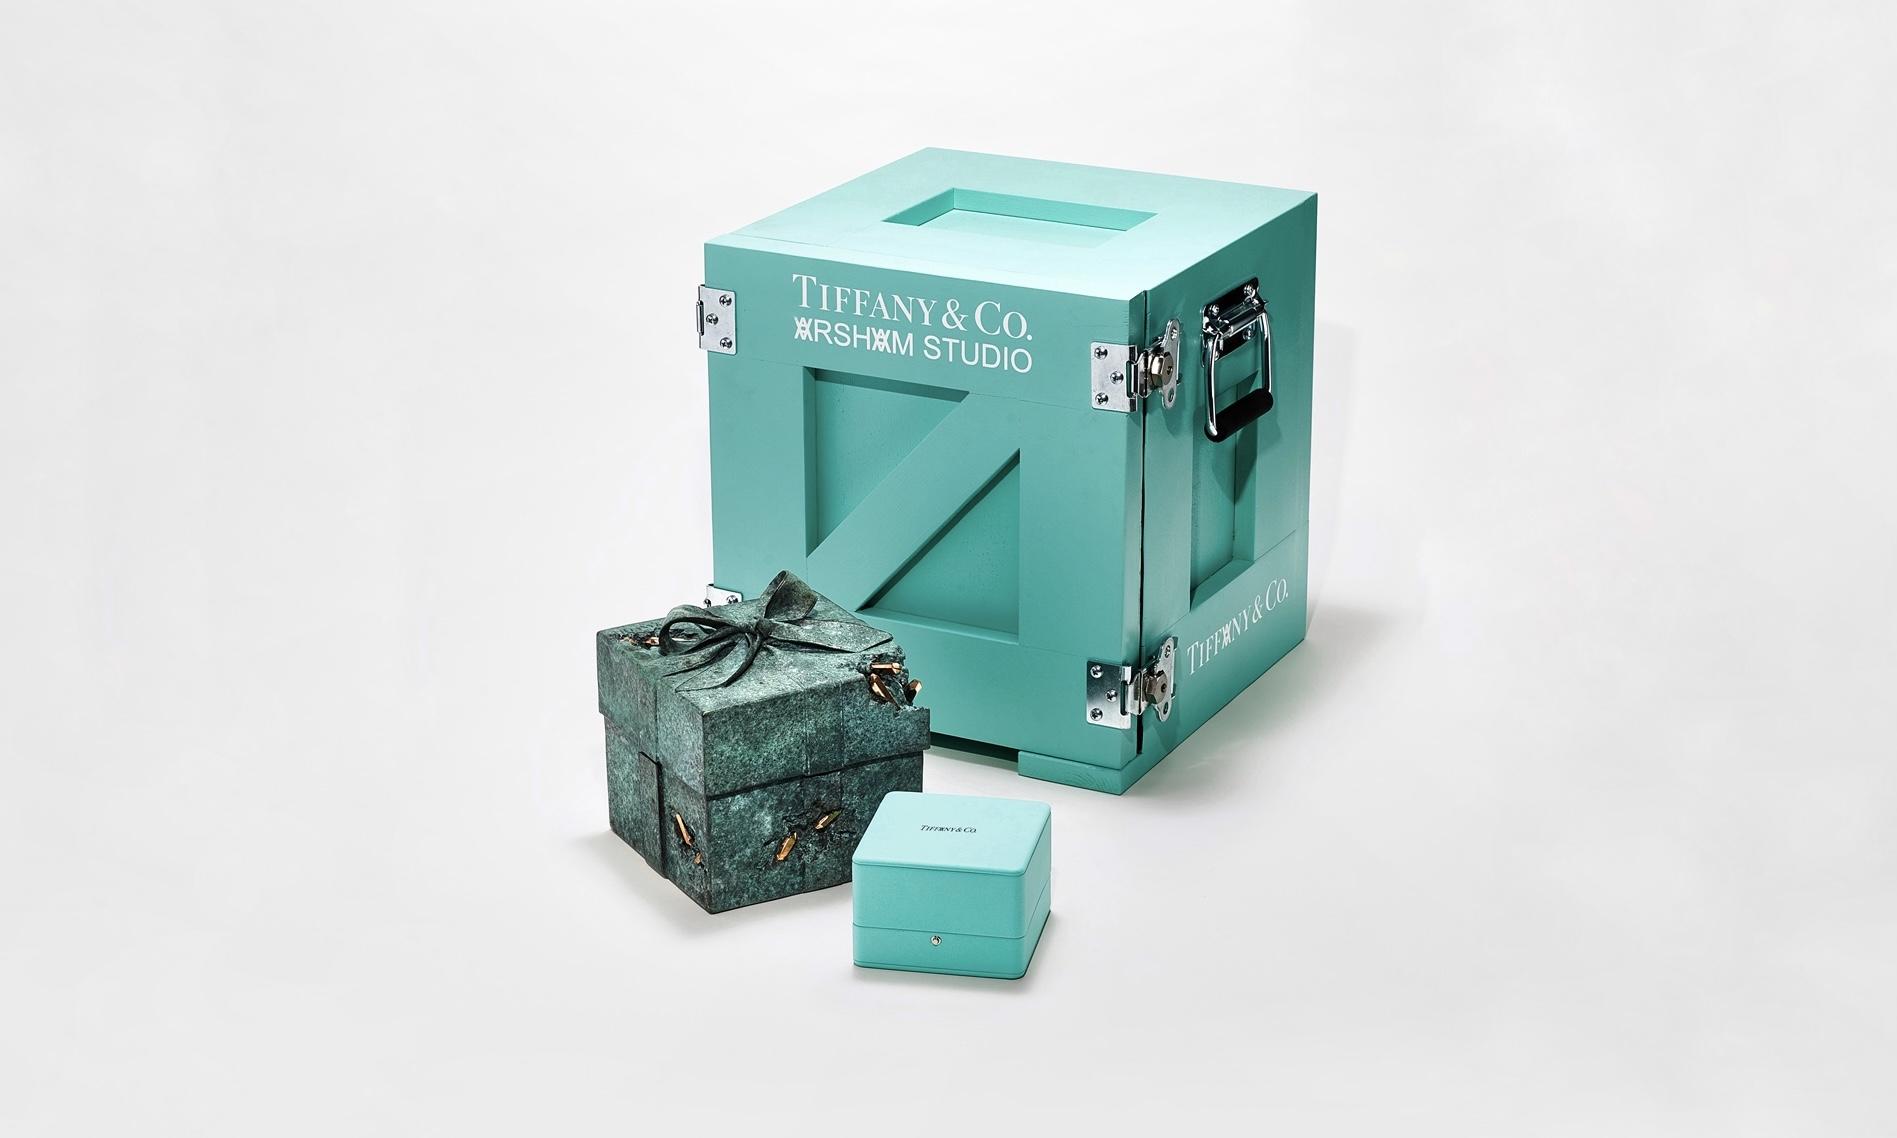 Tiffany&Co. ダニエル・アーシャムの最新作でコラボ